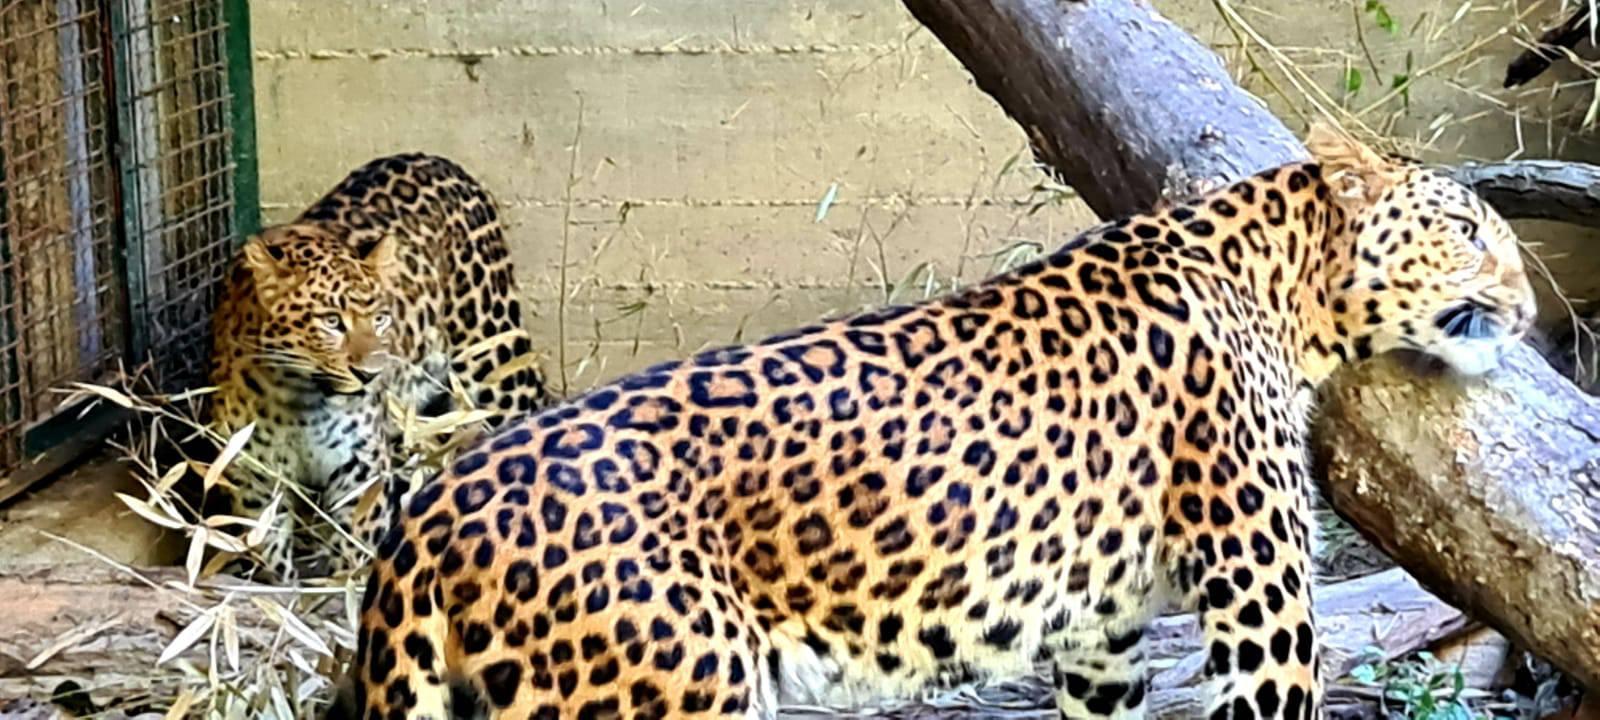 Leopardu Tadziku stigla 'cura' iz Austrije: 'Skroz se zatelebao'